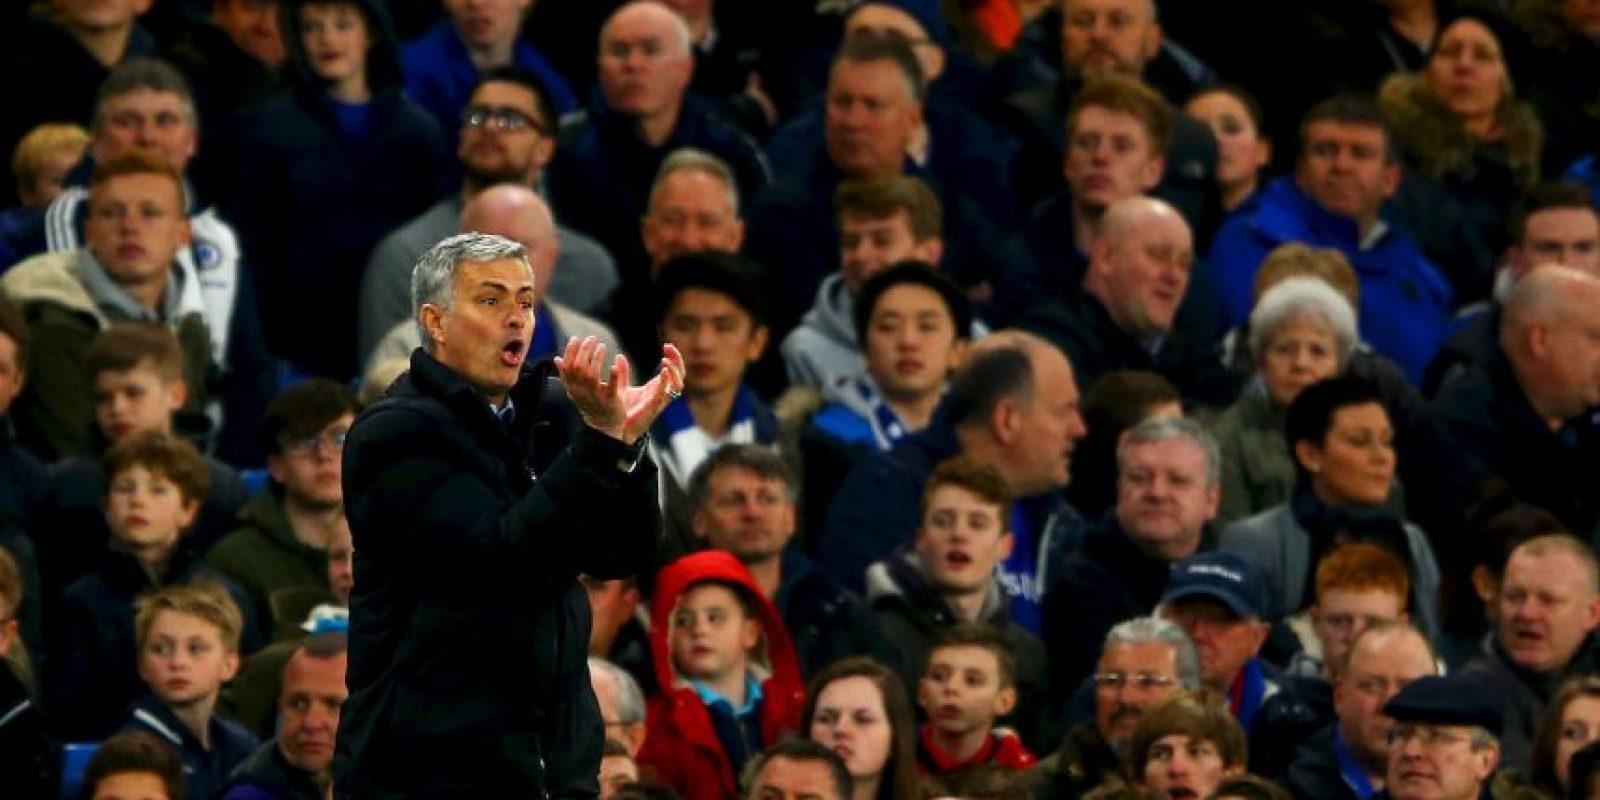 """""""No soy arrogante, solo soy campeón de Europa y creo que eso me hace especial"""", dijo José Mourinho a su llegada al Chelsea Foto:Getty Images"""